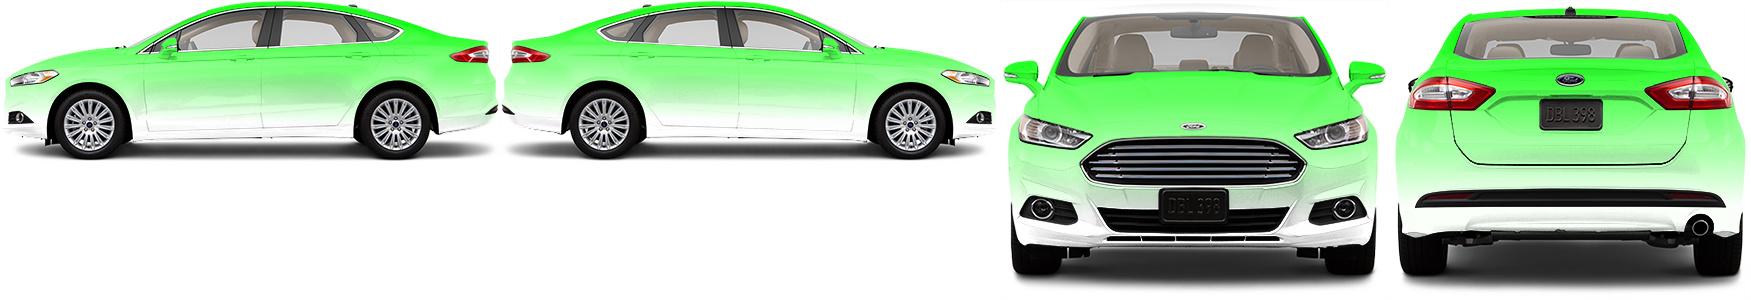 Sedan Wrap #33496